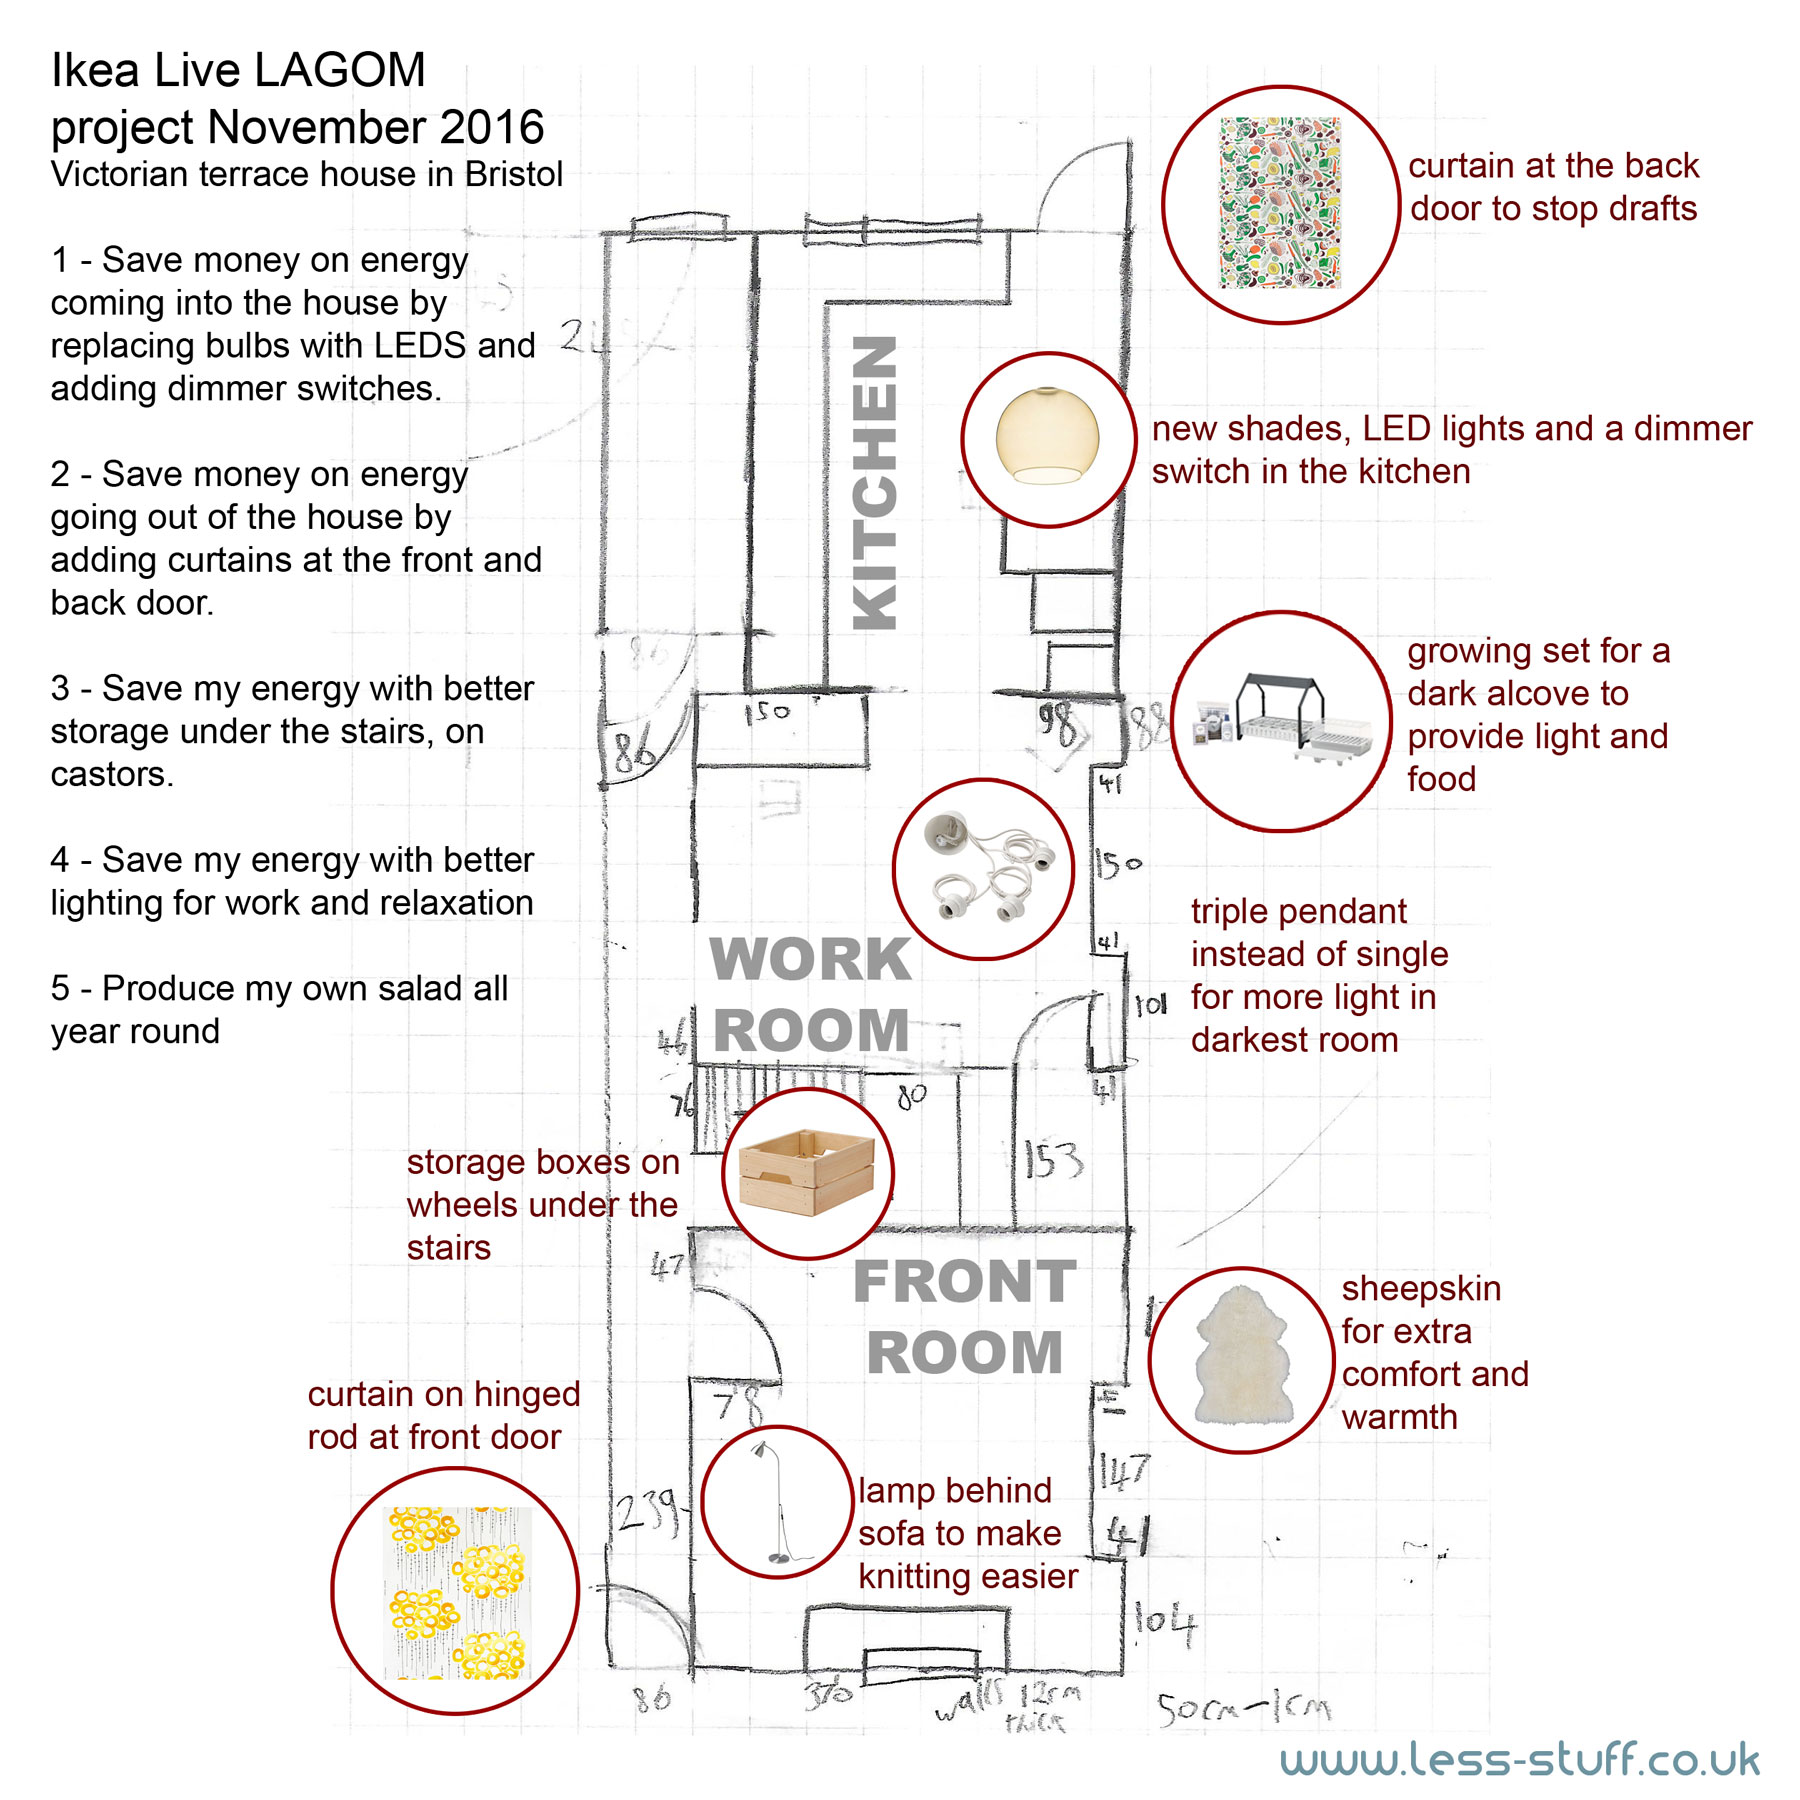 less-stuff-ikea-lagom-floor-plan